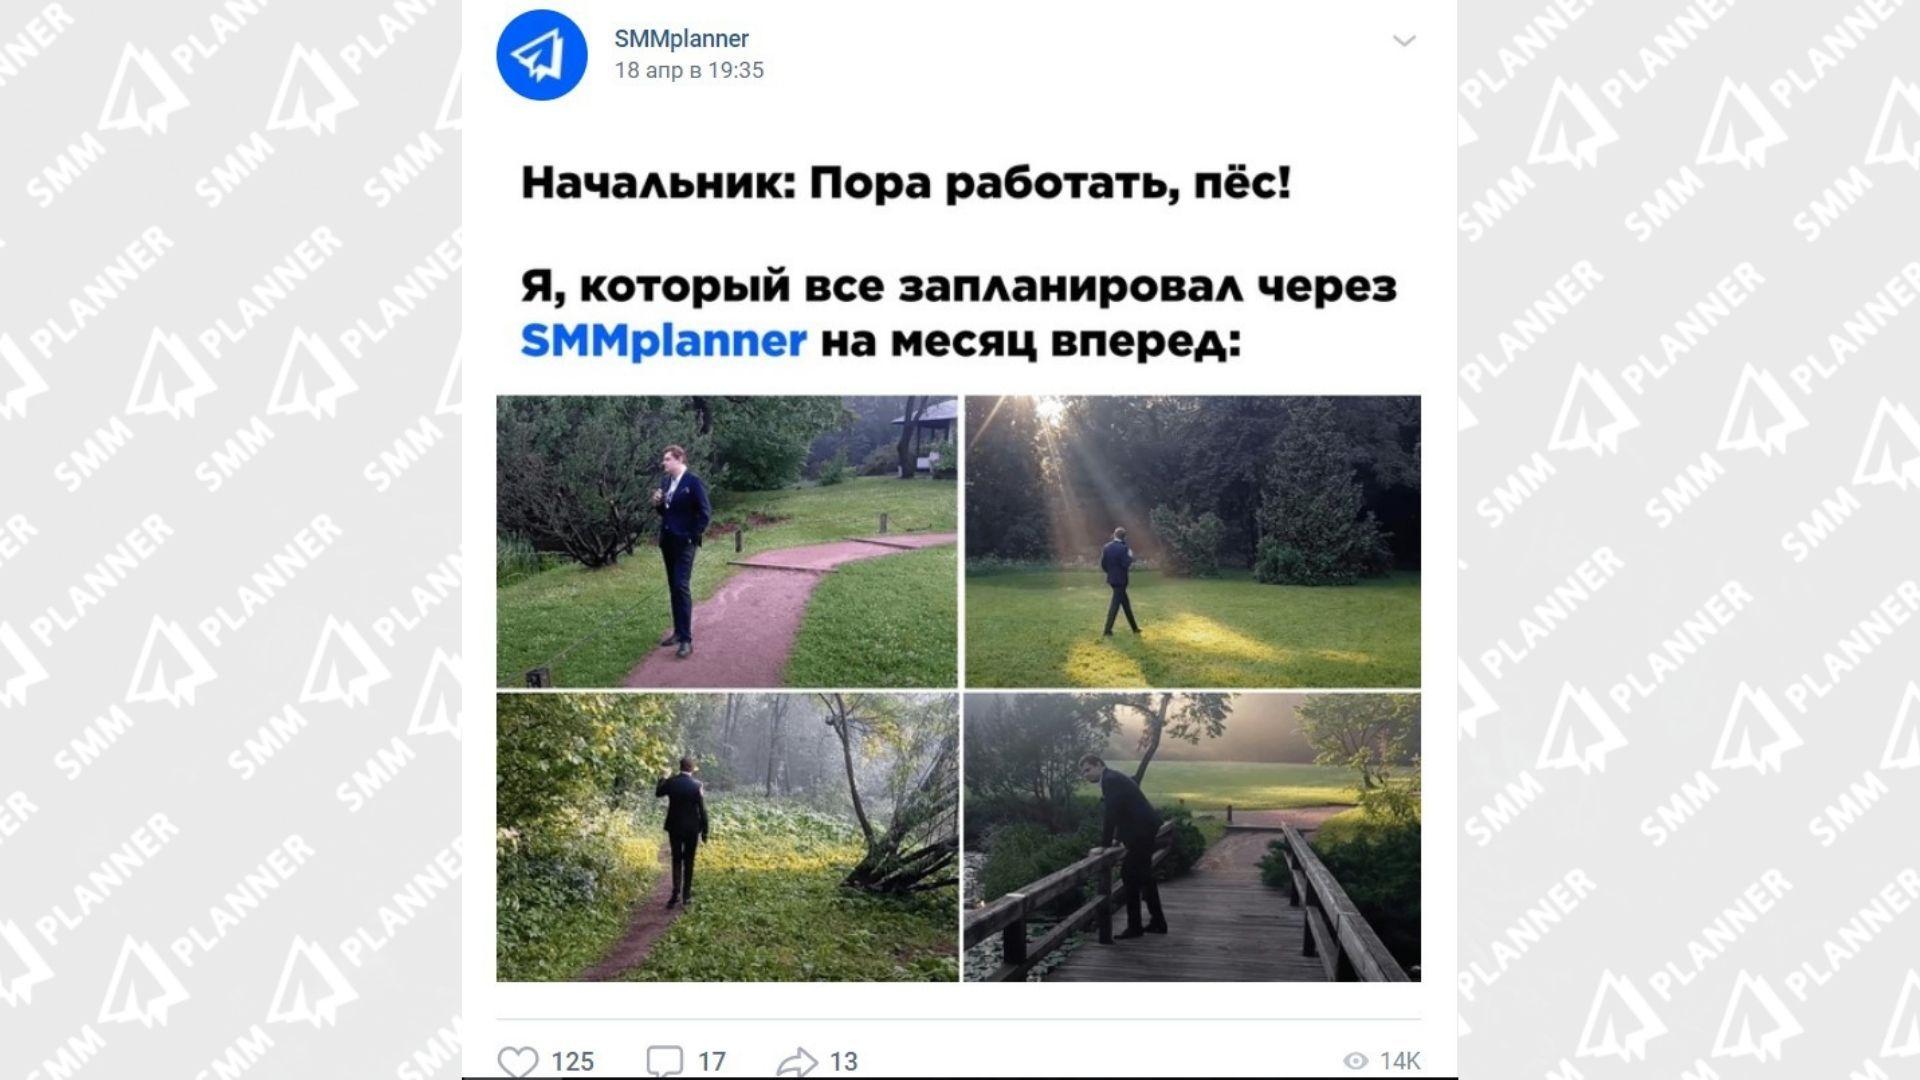 SMMplanner как сервис генерации свободного времени